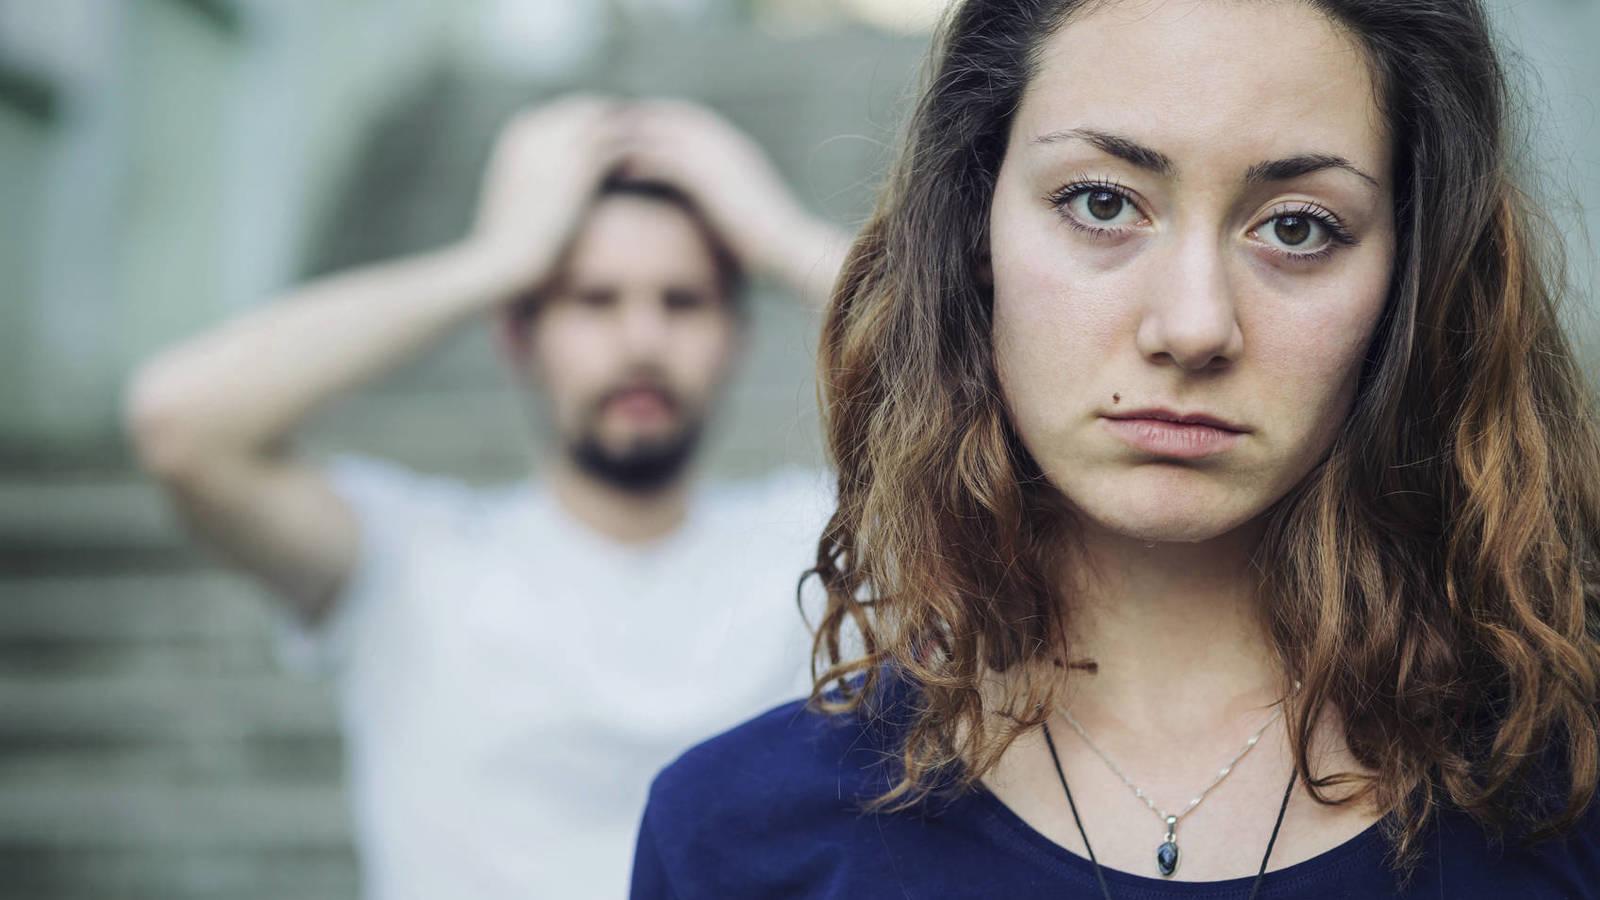 VIDEO: Cosas que los hombres hacen que desquician a las mujeres